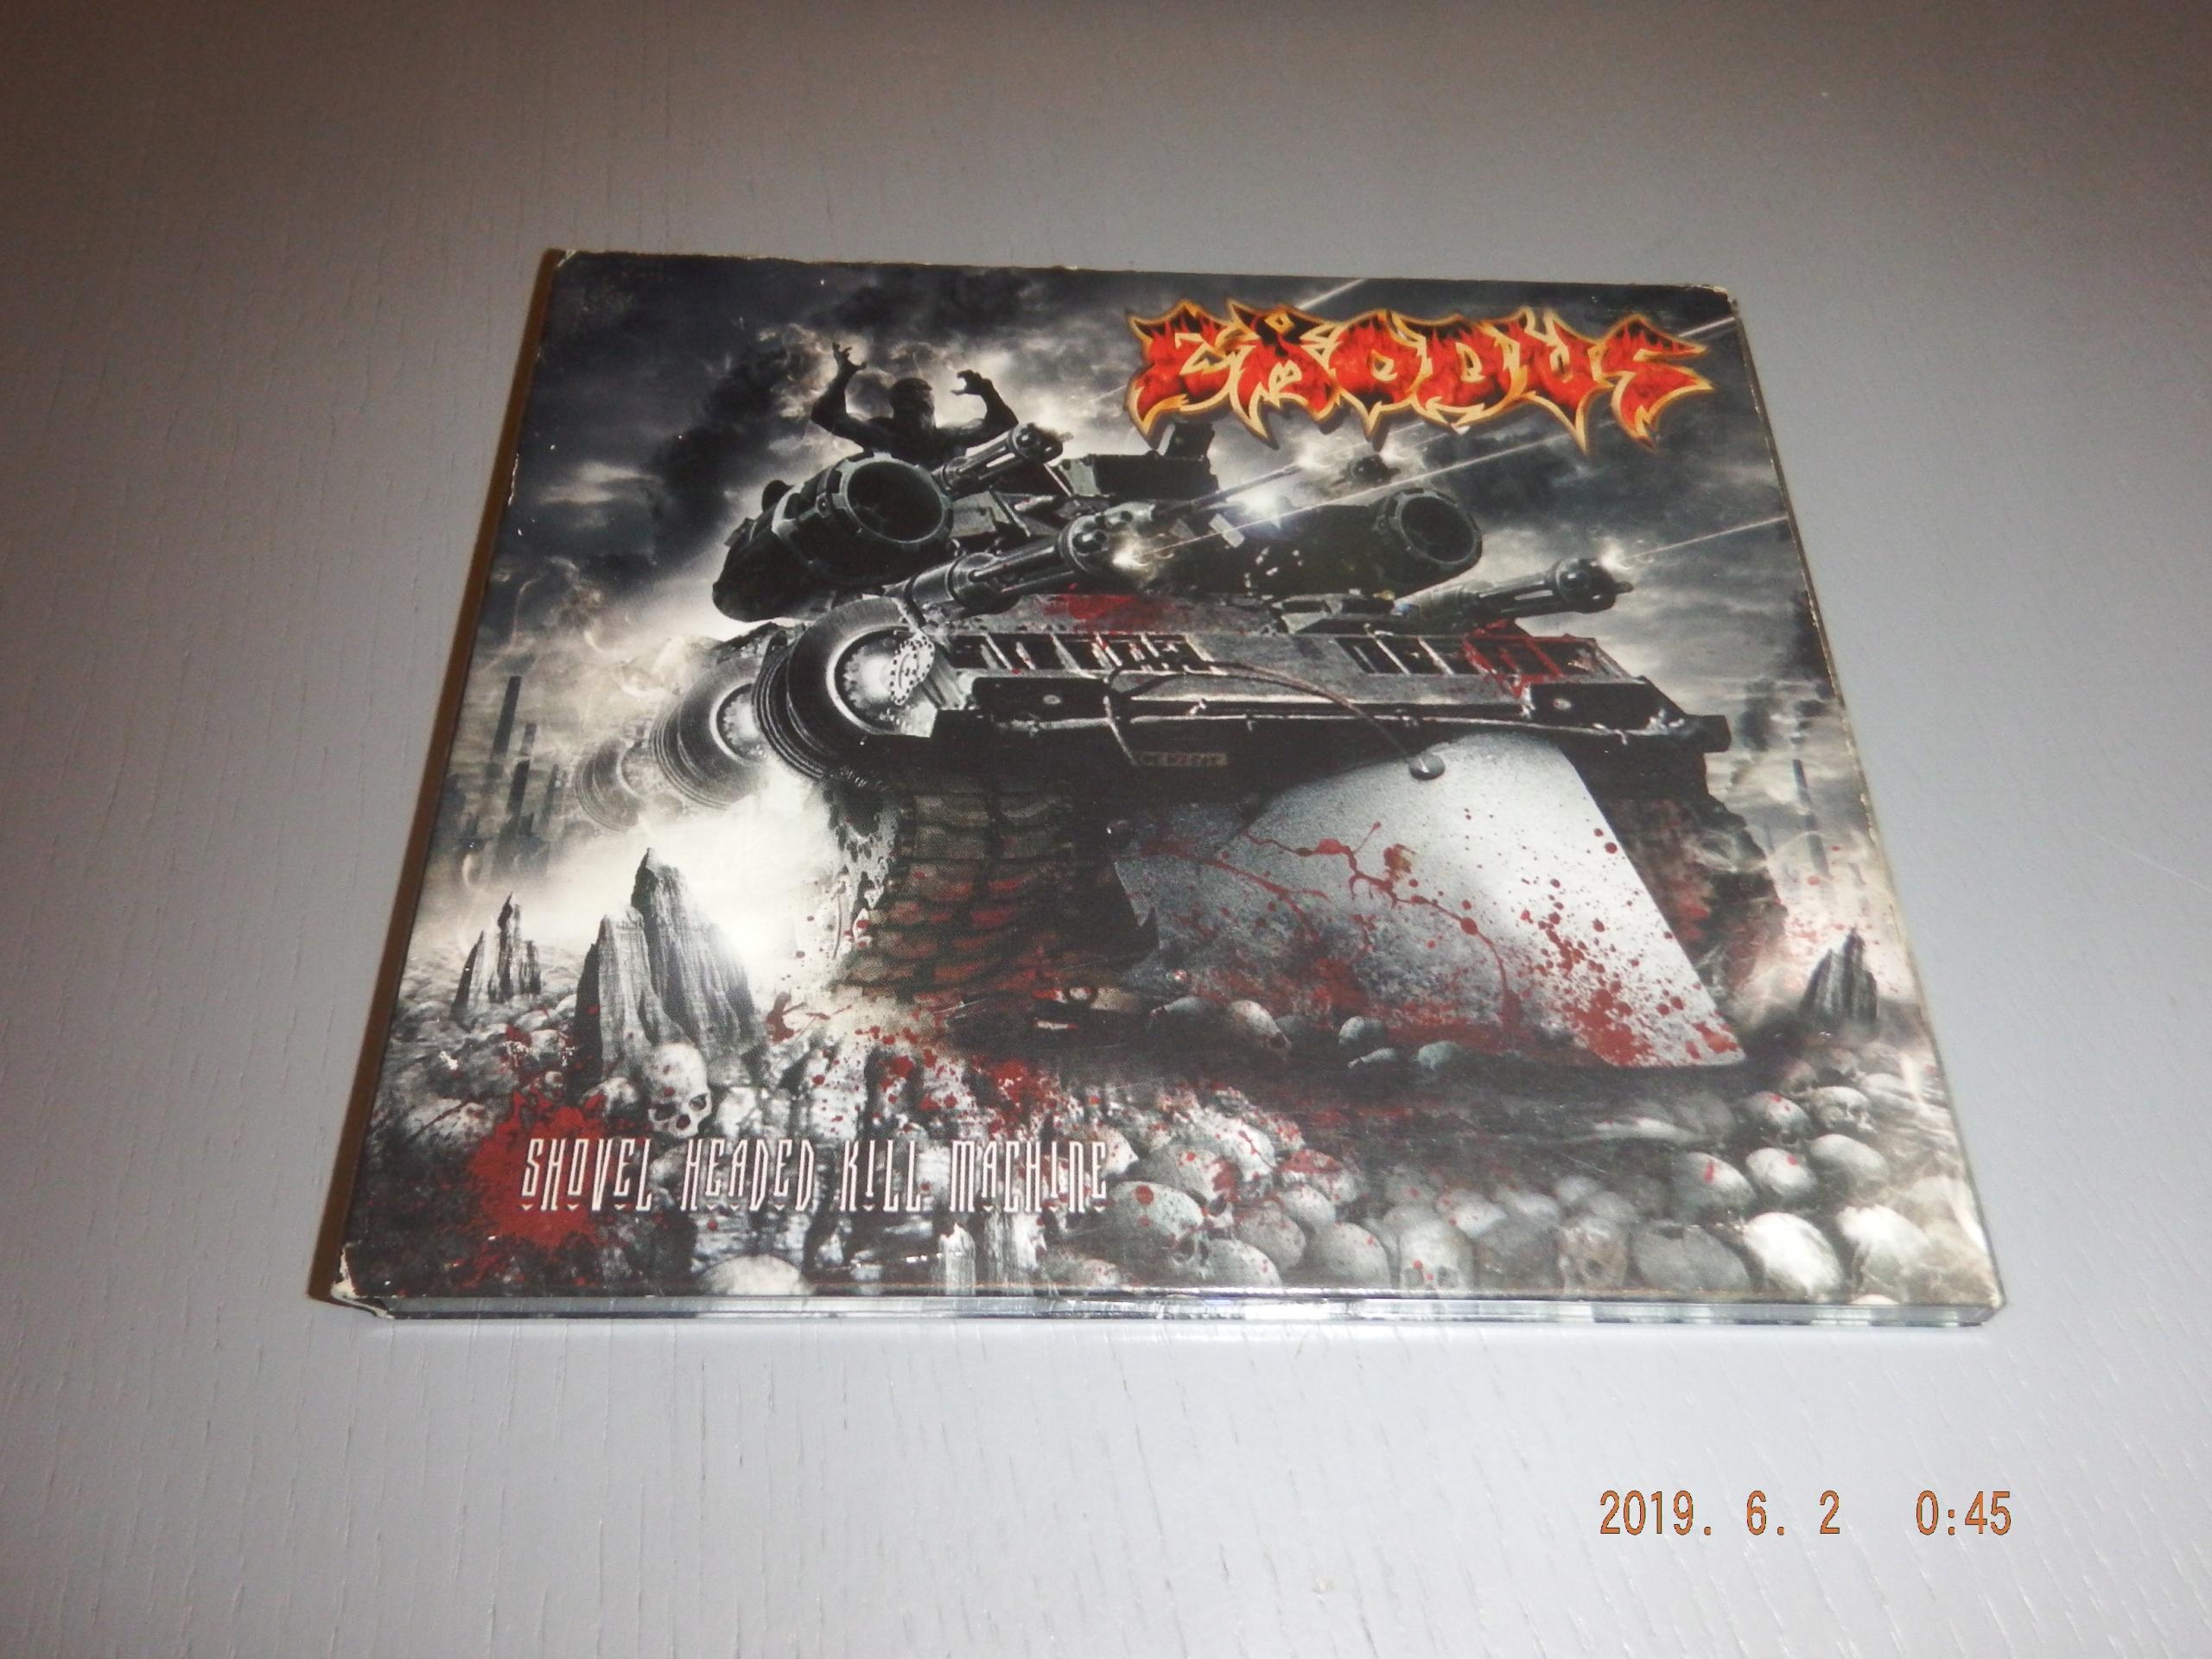 EXODUS - Shovel headed kill machine DIGI